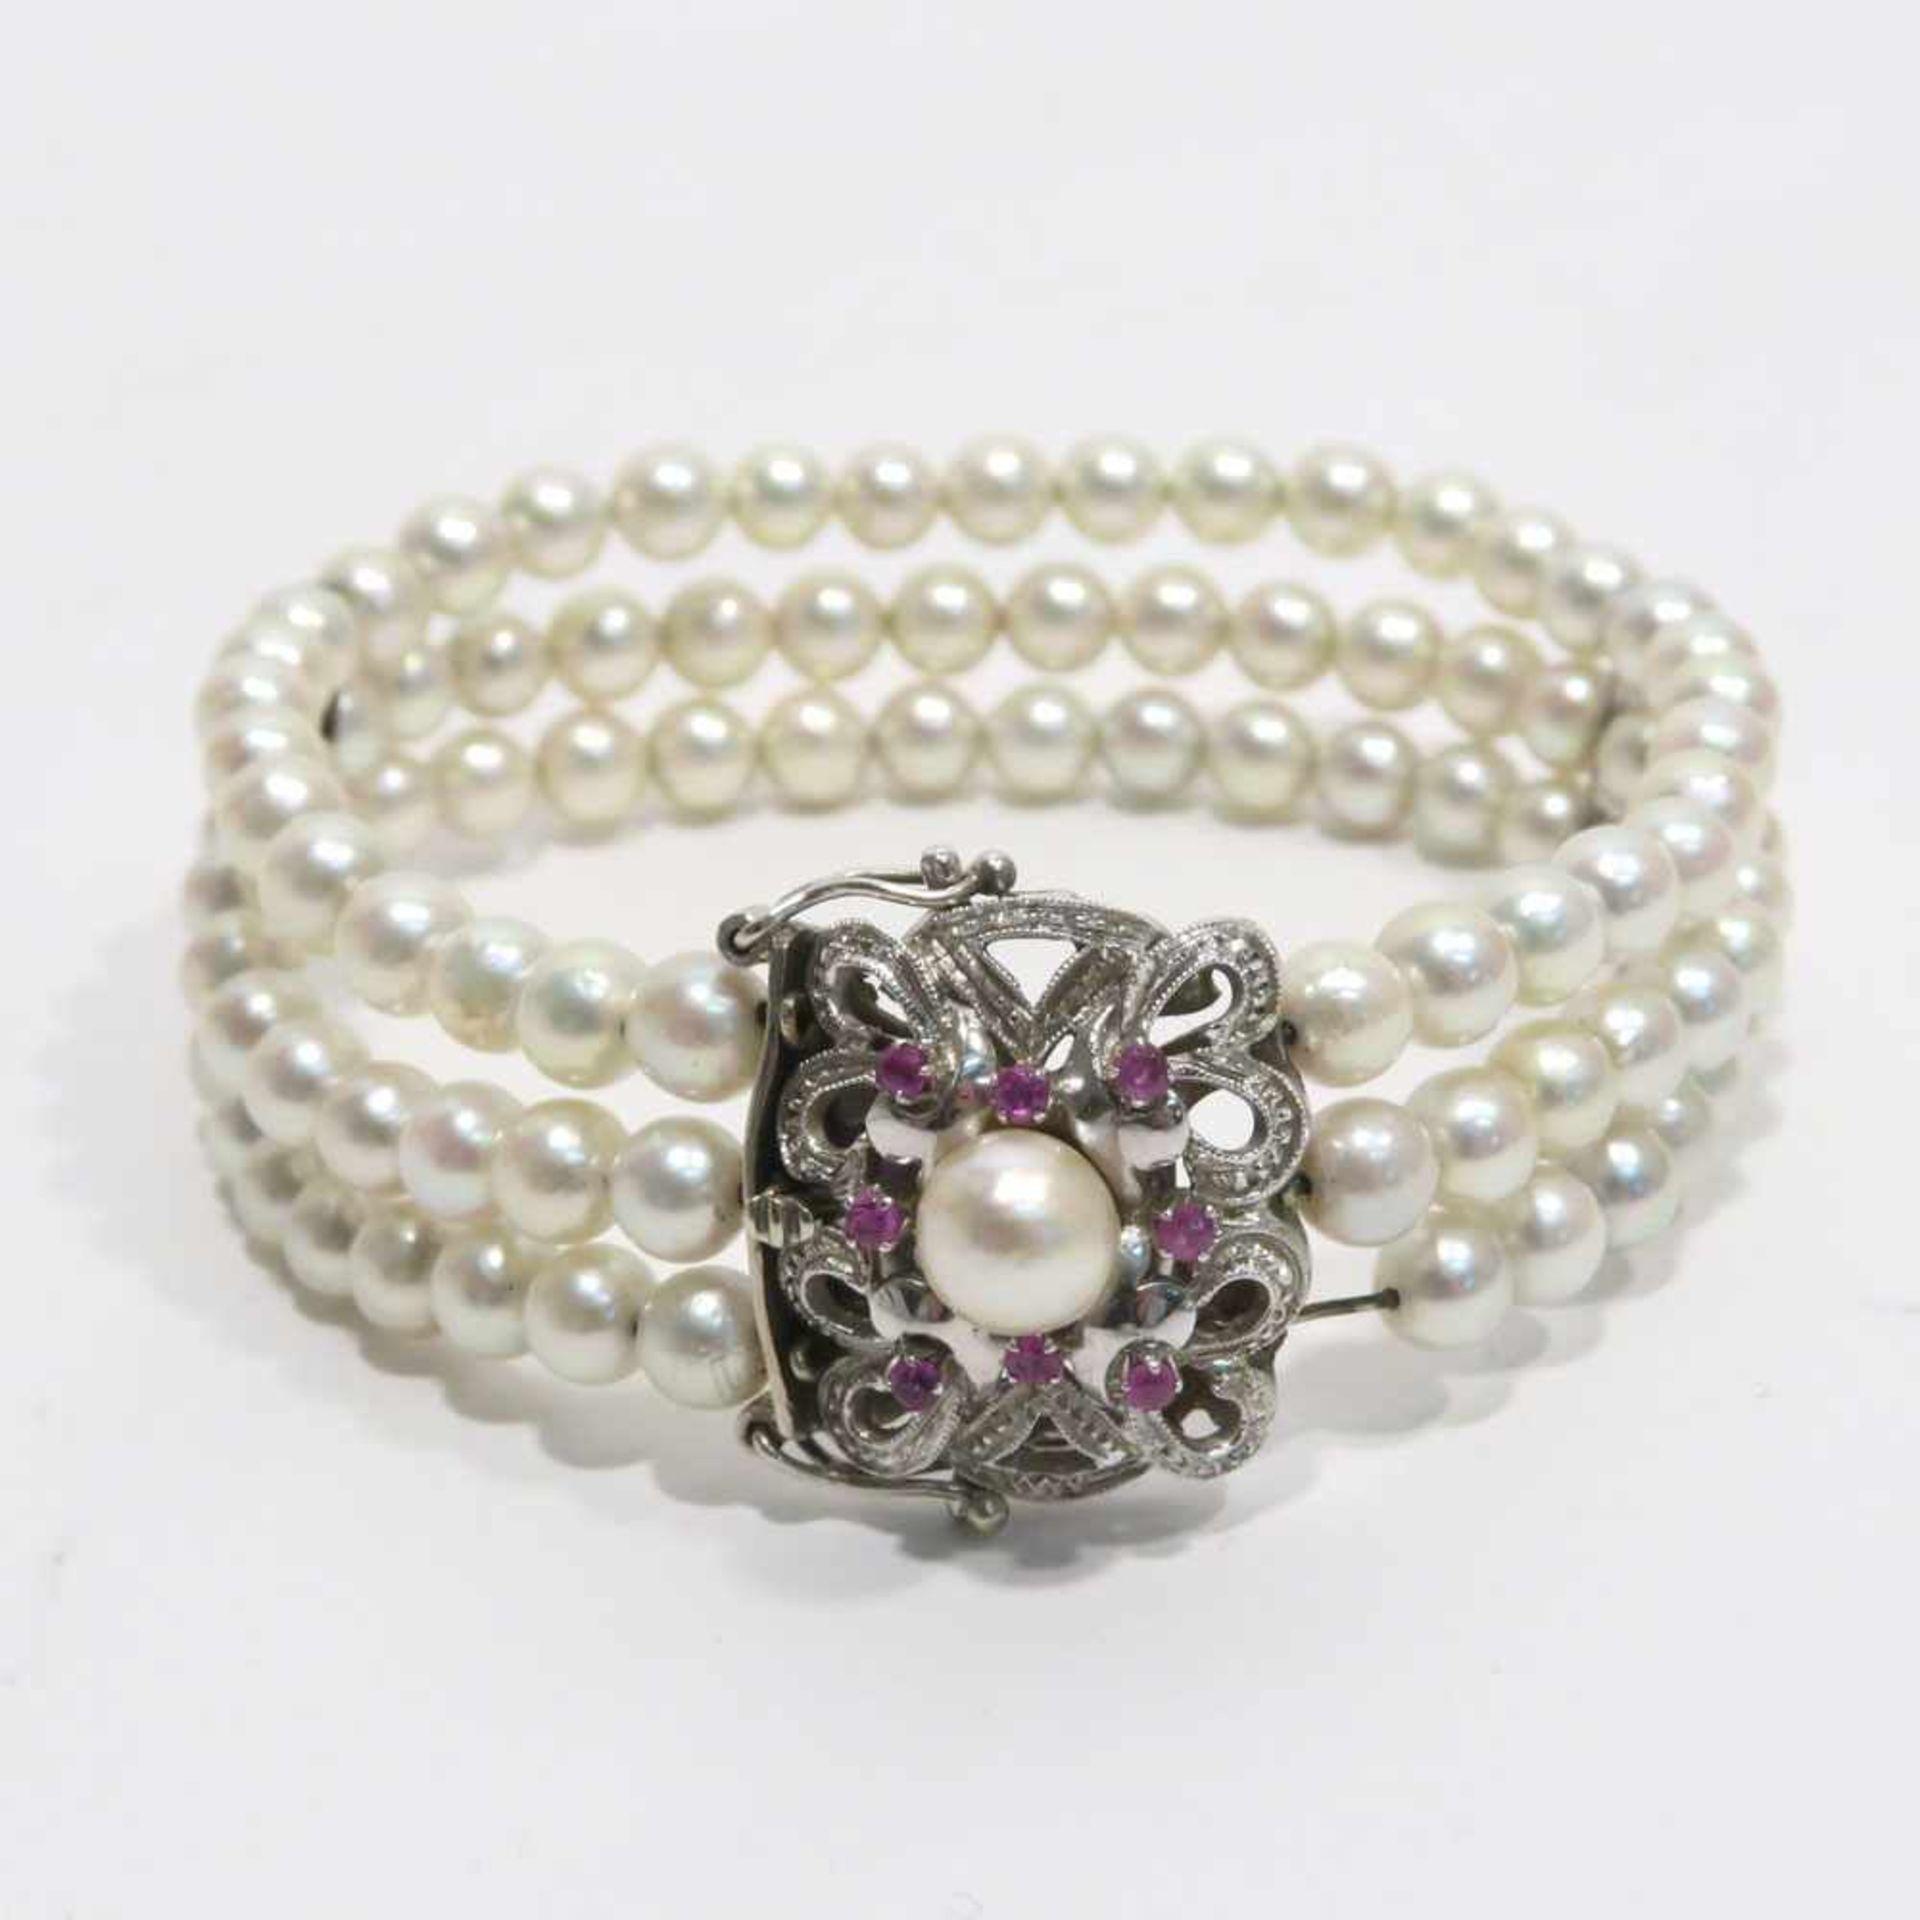 ZuchtperlenarmbandDreireihig. 18 K WG Schließe, Marke (750), mit Perle und acht Rubinen besetzt.